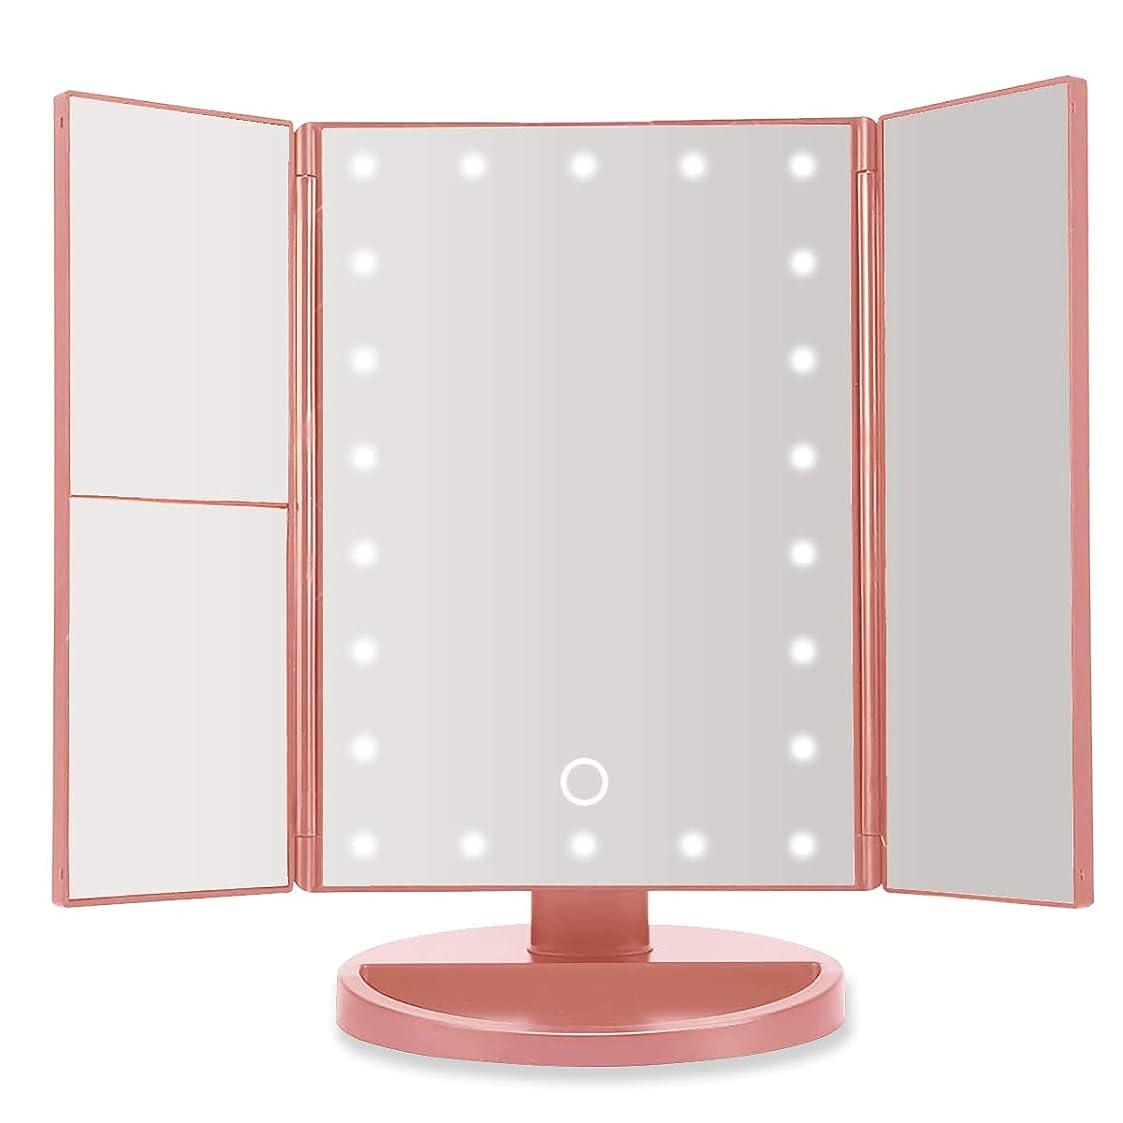 望みシンボルうんざり22LED付き3面鏡卓上女優ミラー ピンク